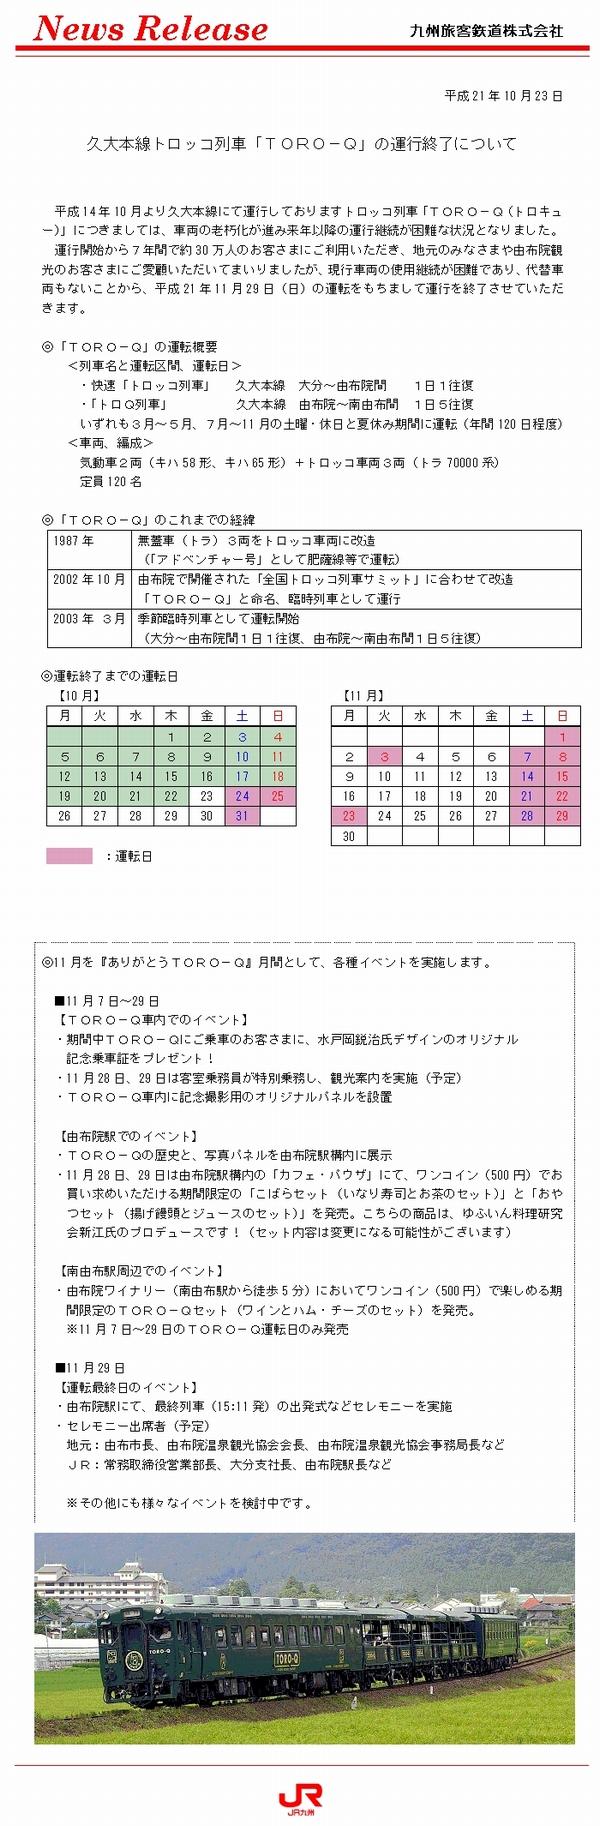 train0181_panhu01